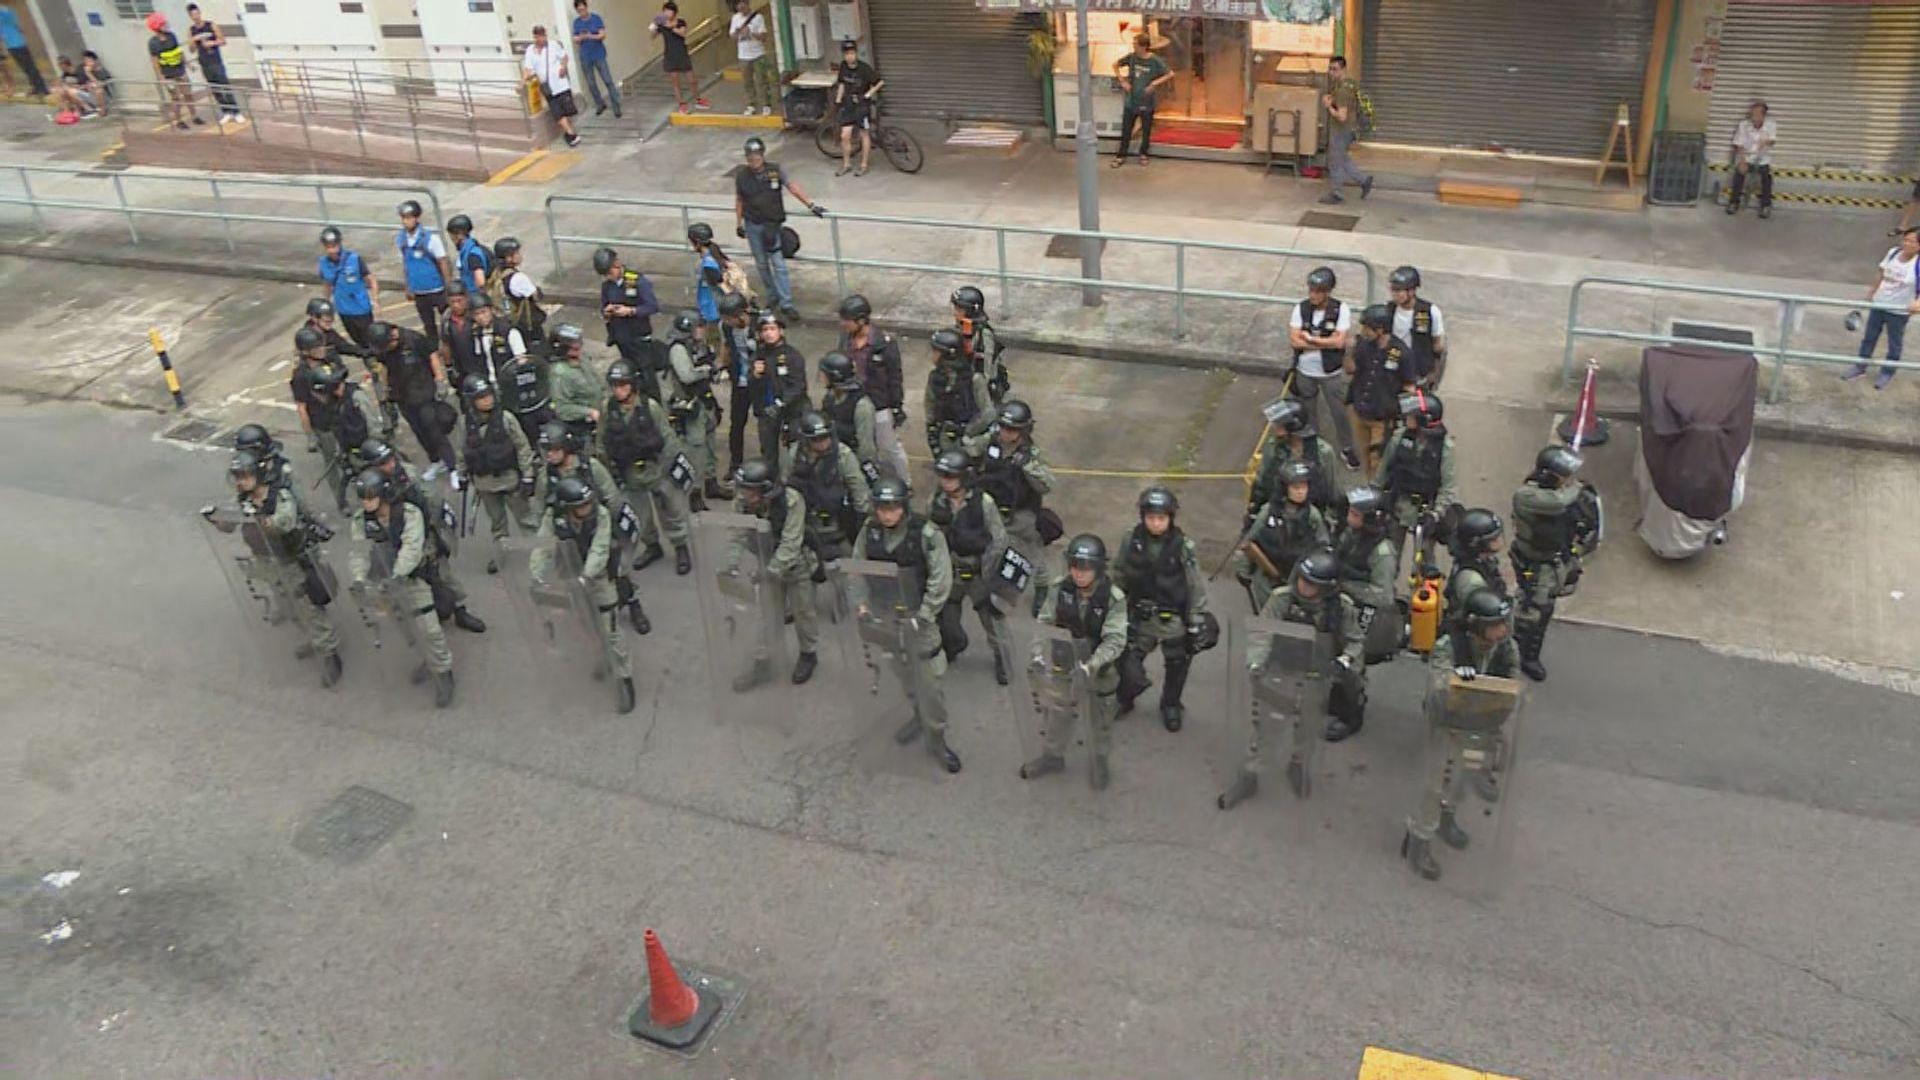 【沙田遊行】警員在瀝源邨戒備為清場準備